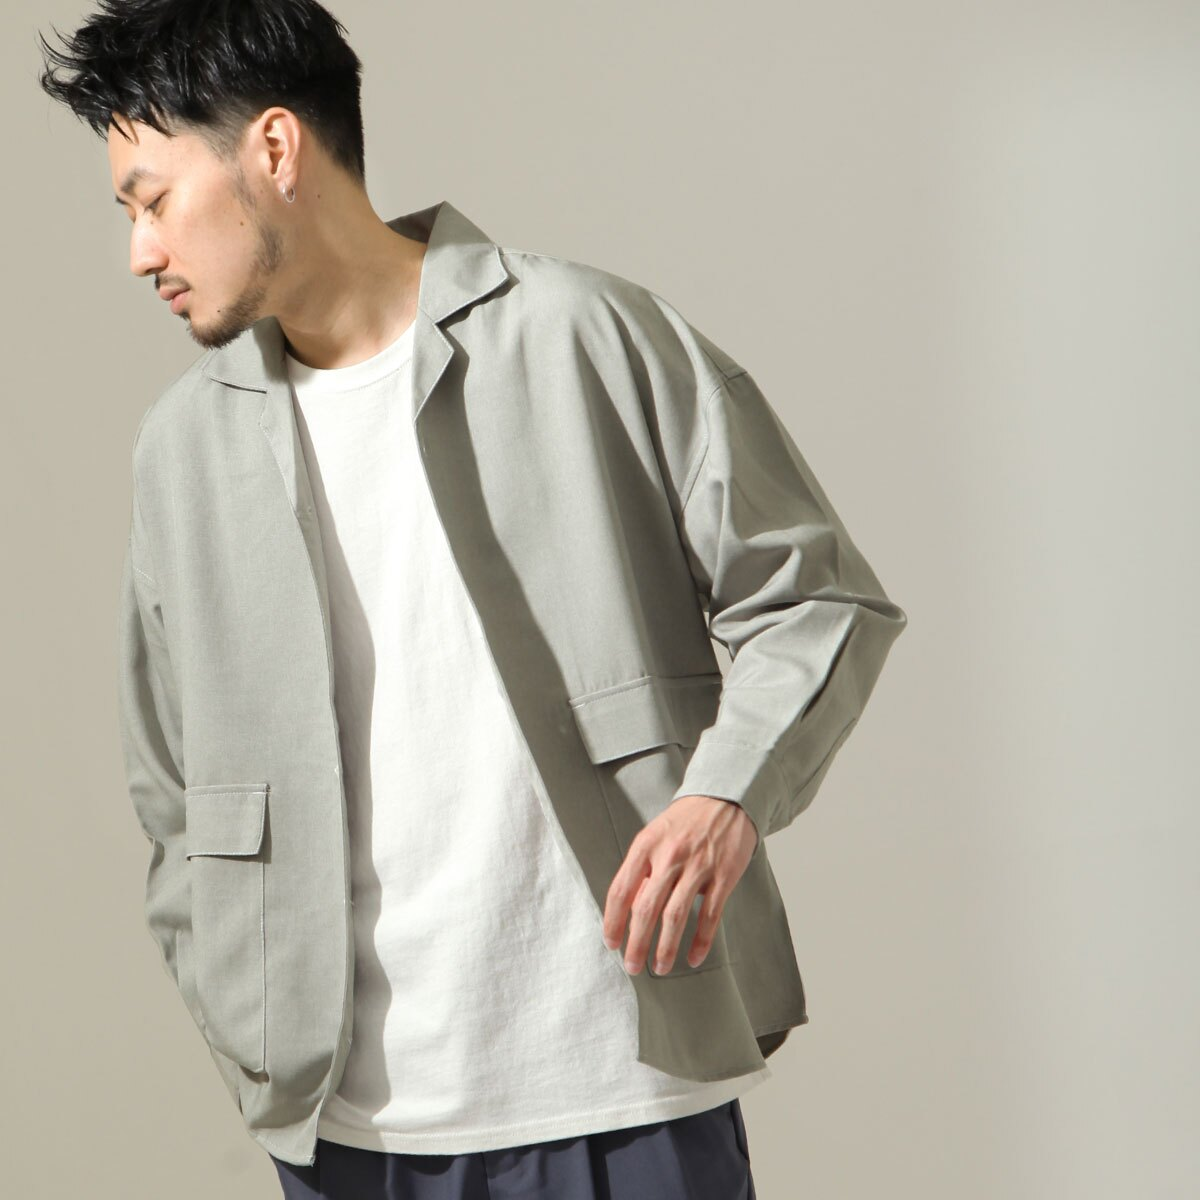 【New】ZIP 寬版開襟襯衫 縫線設計 8